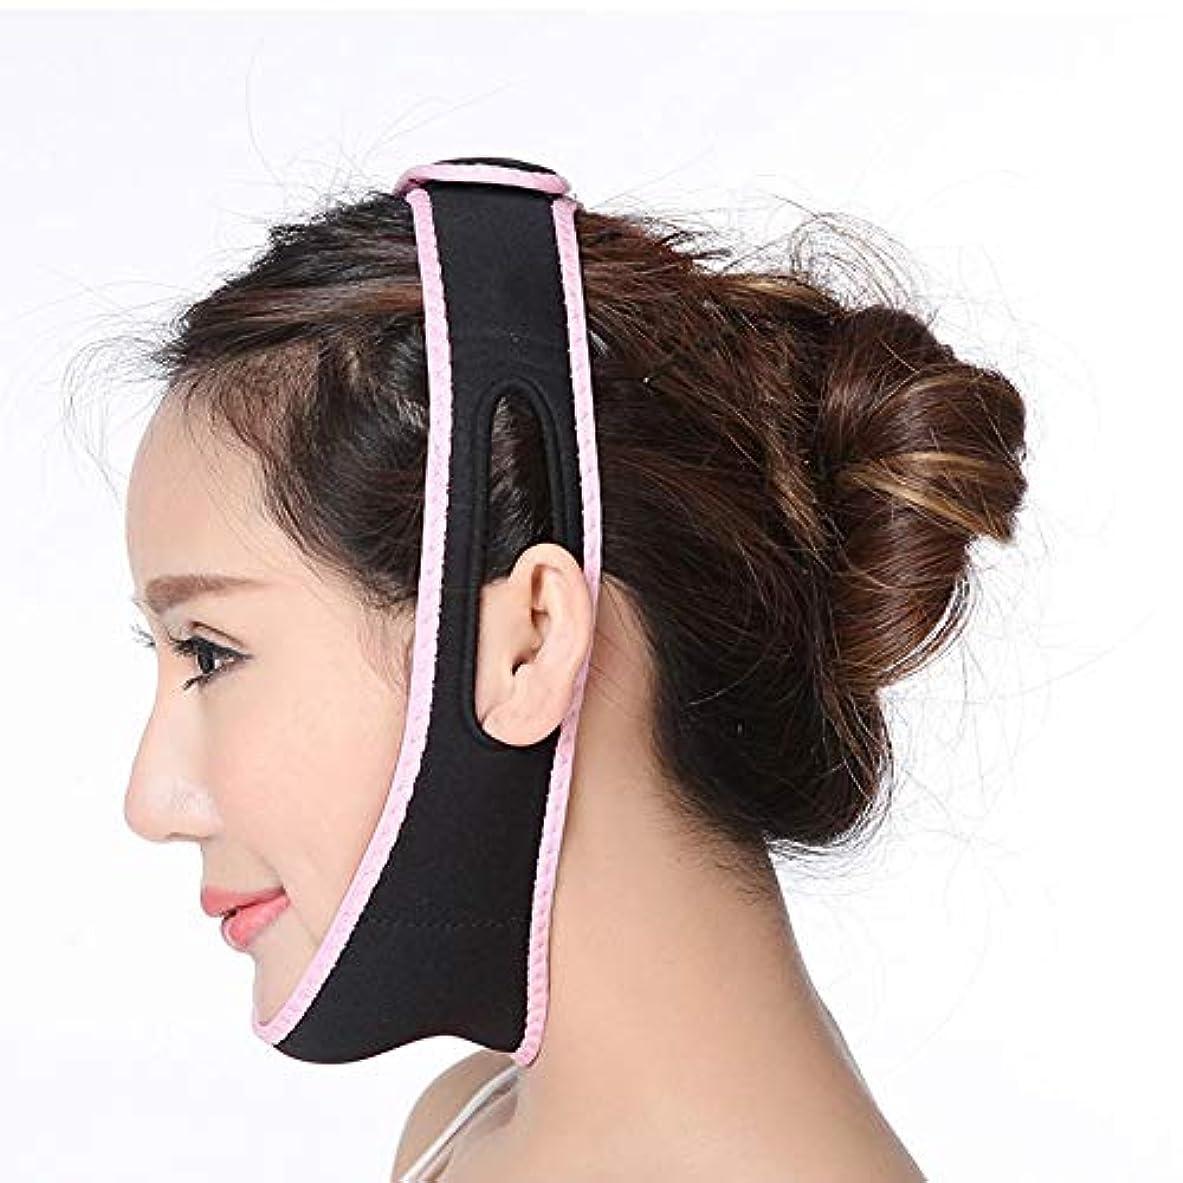 その後シットコム痛いJia Jia- フェイスリフティングアーティファクト3D薄型フェイス付き薄型シンフェイスマスク小型Vフェイス包帯二重あごフェイスリフティングデバイスリフティングファーミング - ブラック 顔面包帯